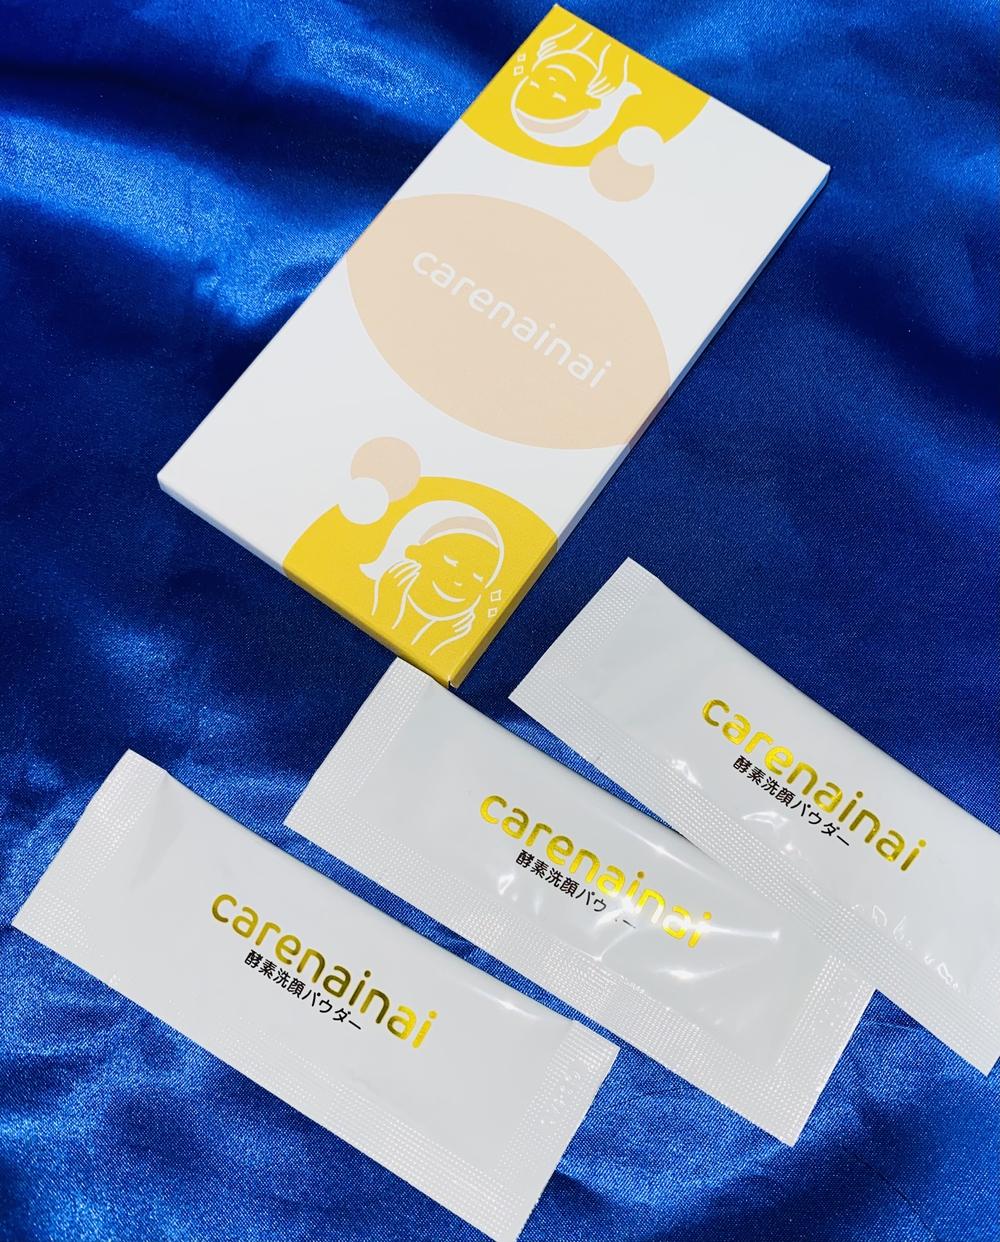 carenainai(ケアナイナイ)酵素洗顔パウダーを使ったマイピコブーさんのクチコミ画像